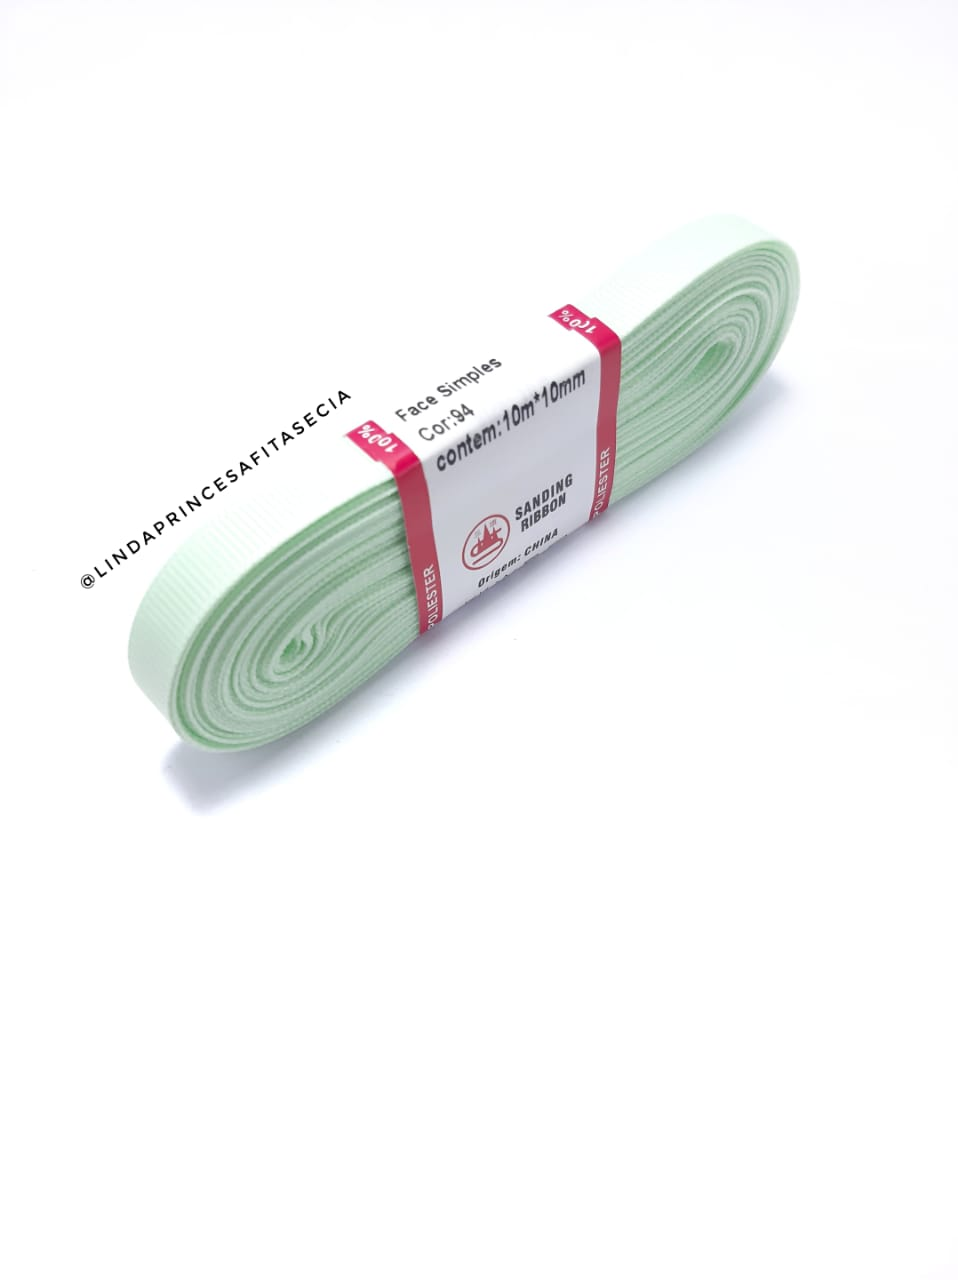 FITA SANDING 10 mm - Cor: 094 Verde Bebê.